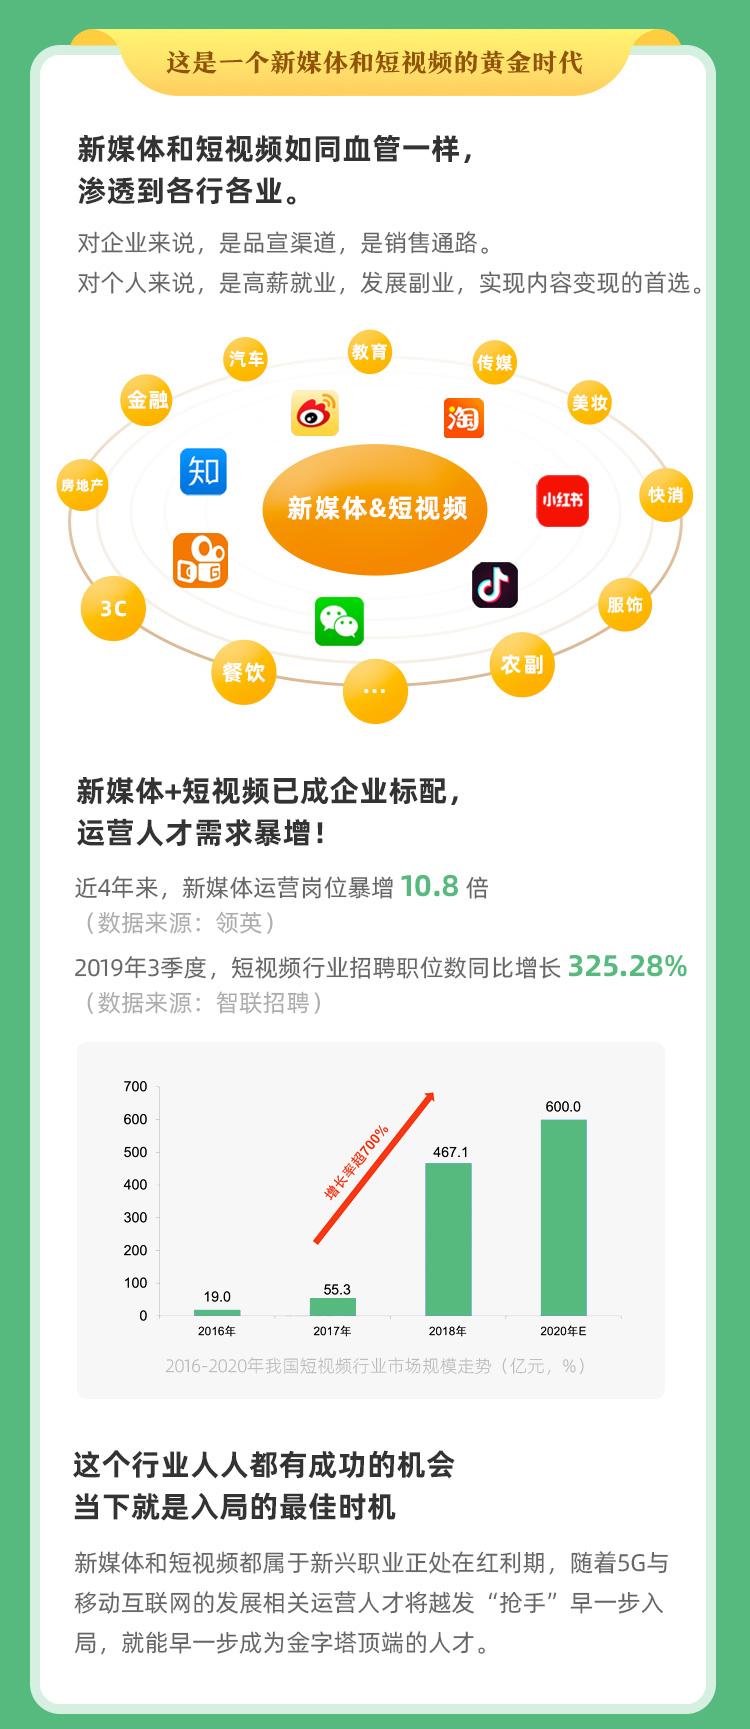 http://mtedu-img.oss-cn-beijing-internal.aliyuncs.com/ueditor/20200705232314_466695.jpg